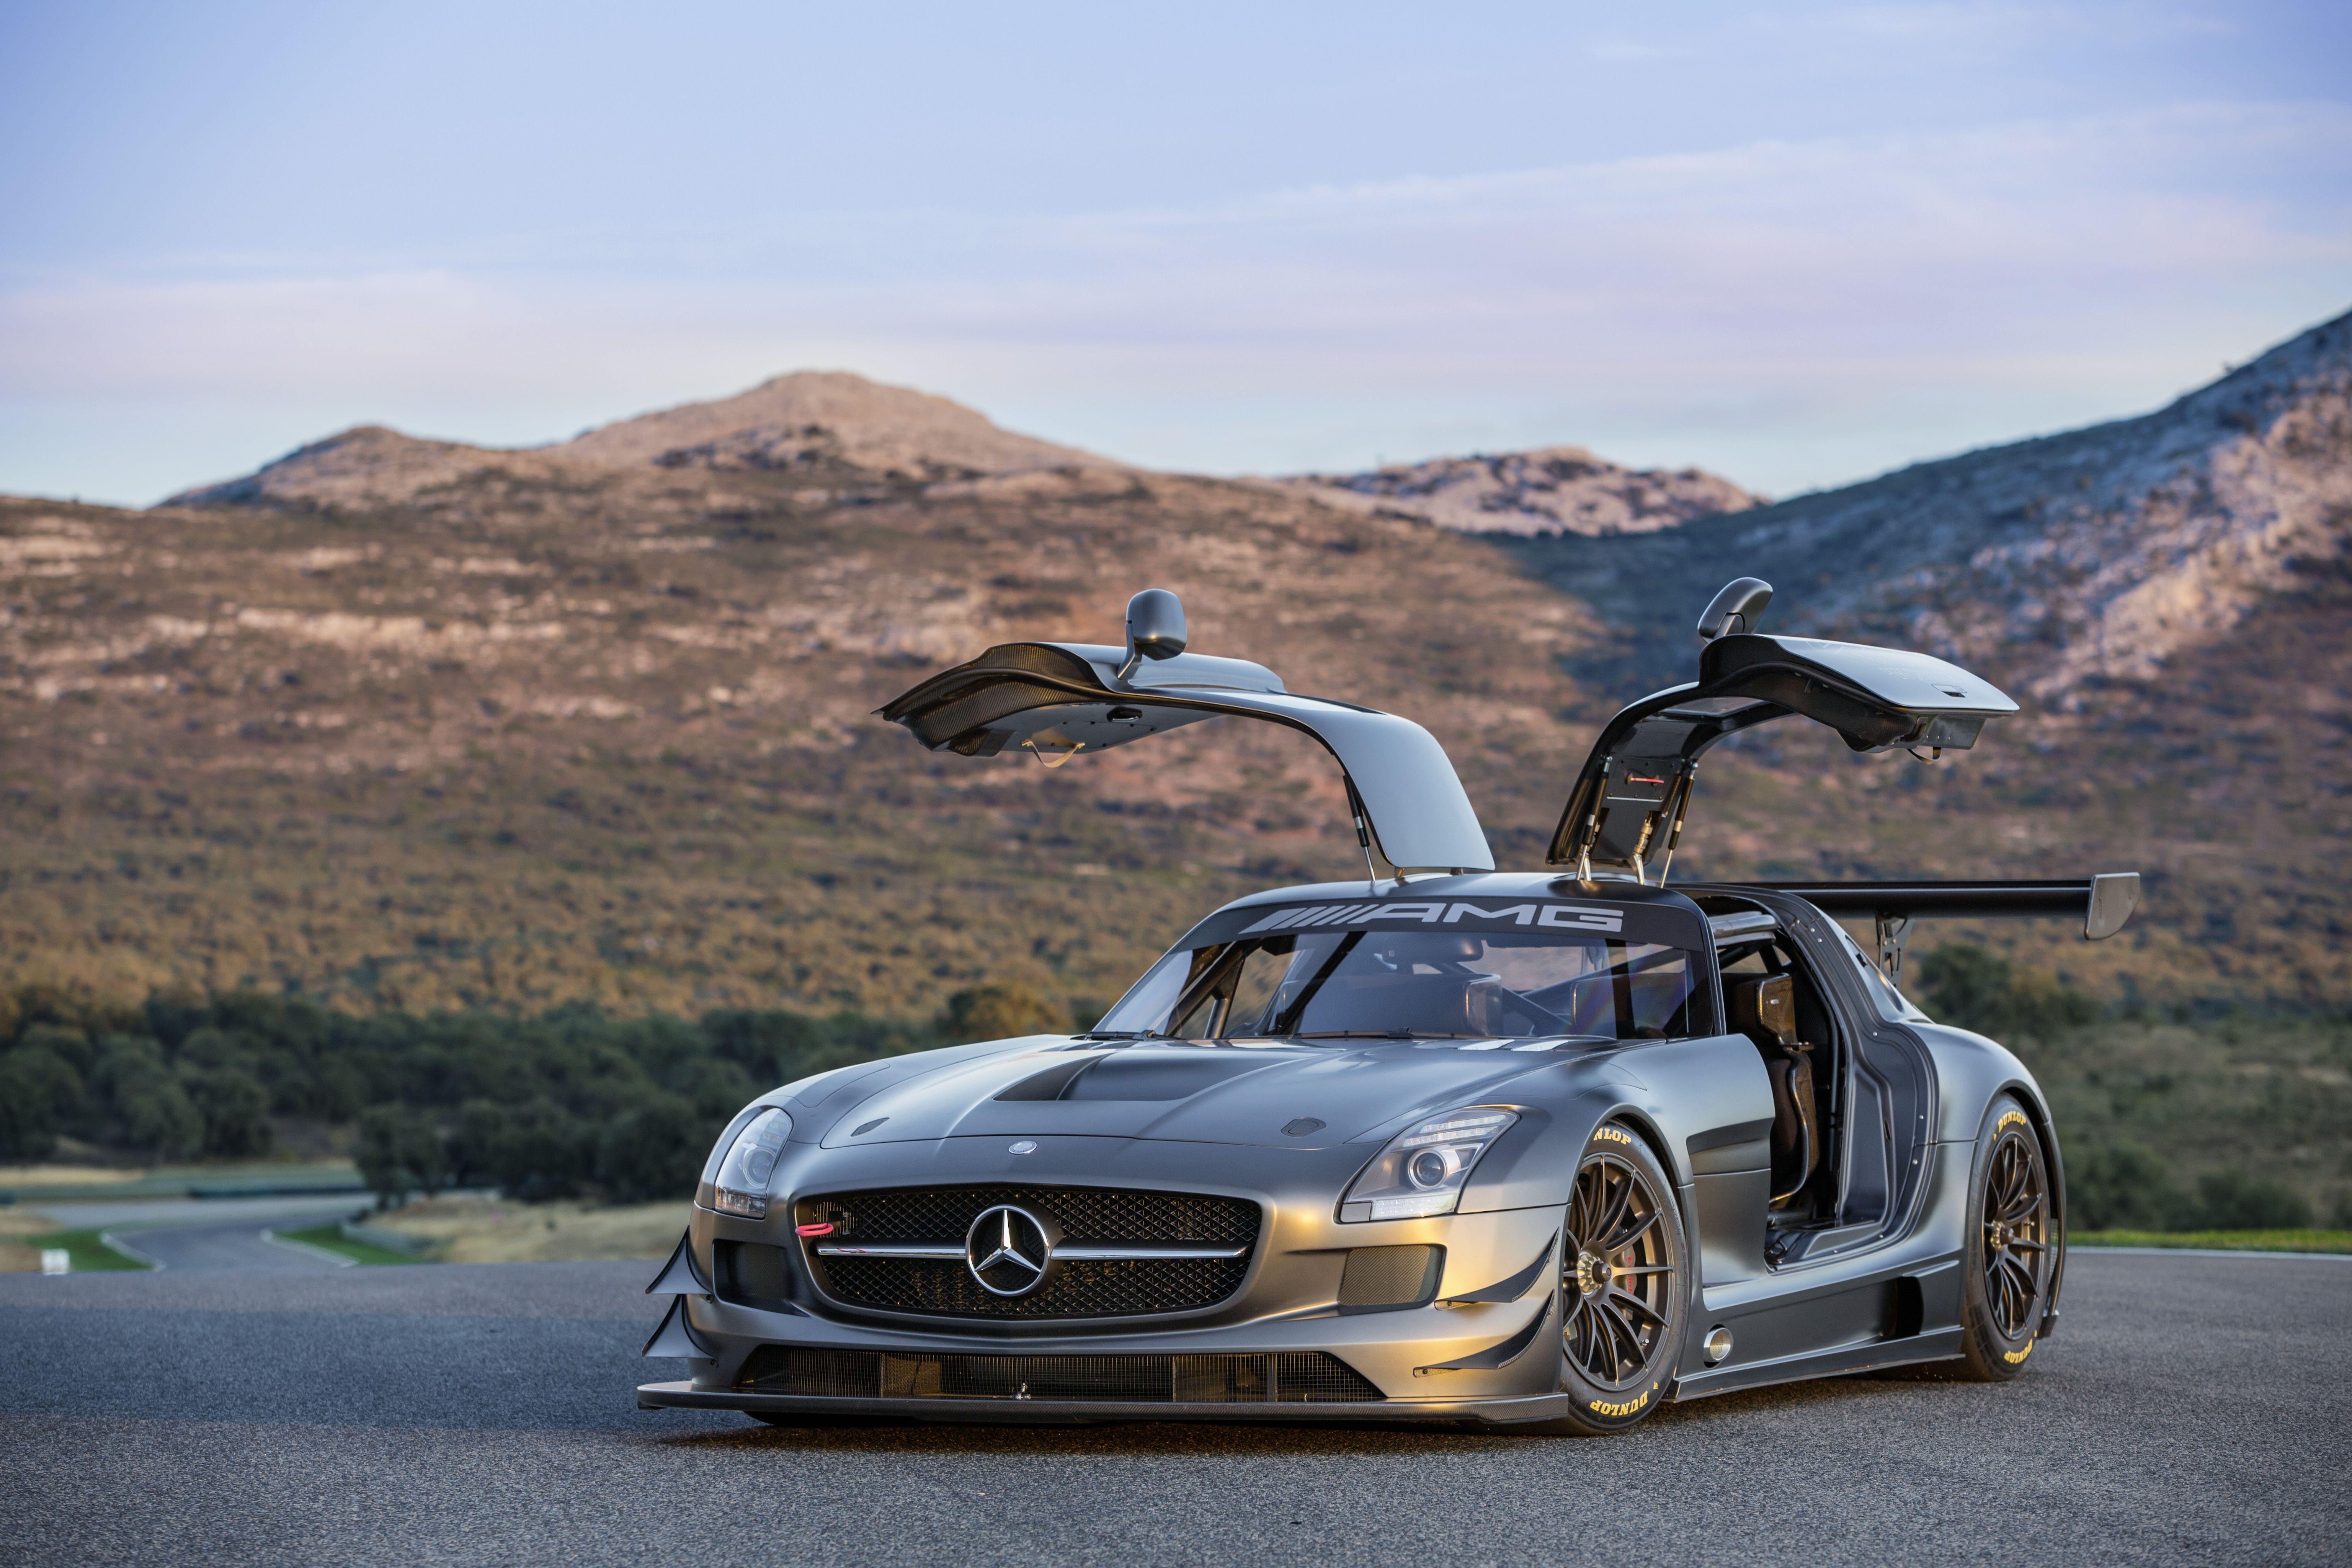 Der Neue Sls Amg Gt3 45th Anniversary Mercedes Sls Mercedes Auto Mercedes Amg